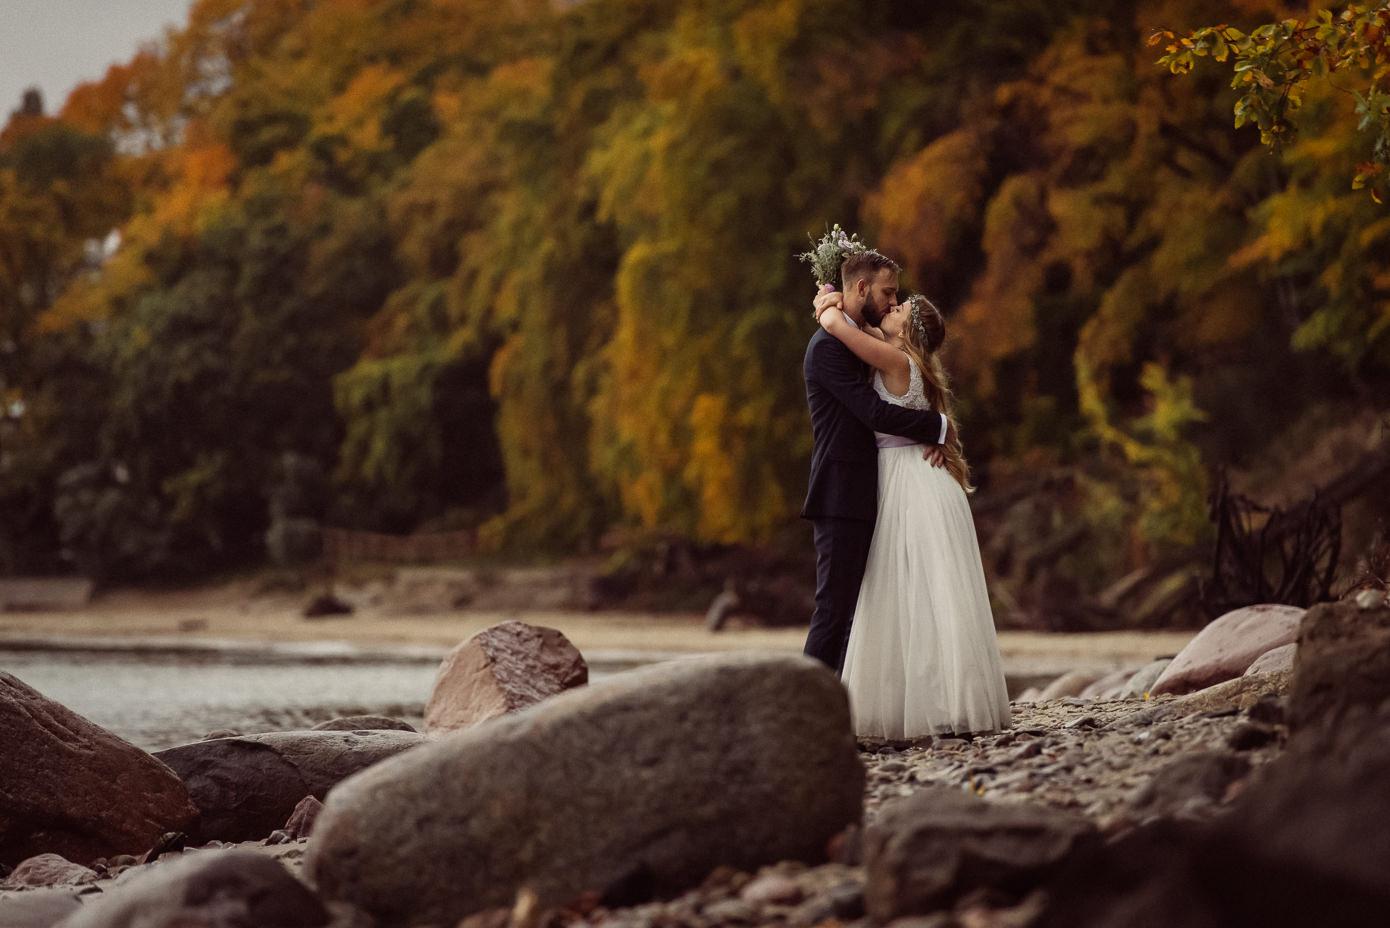 Fotograf Gdańsk wymarzone zdjęcia ślubne pełne emocji